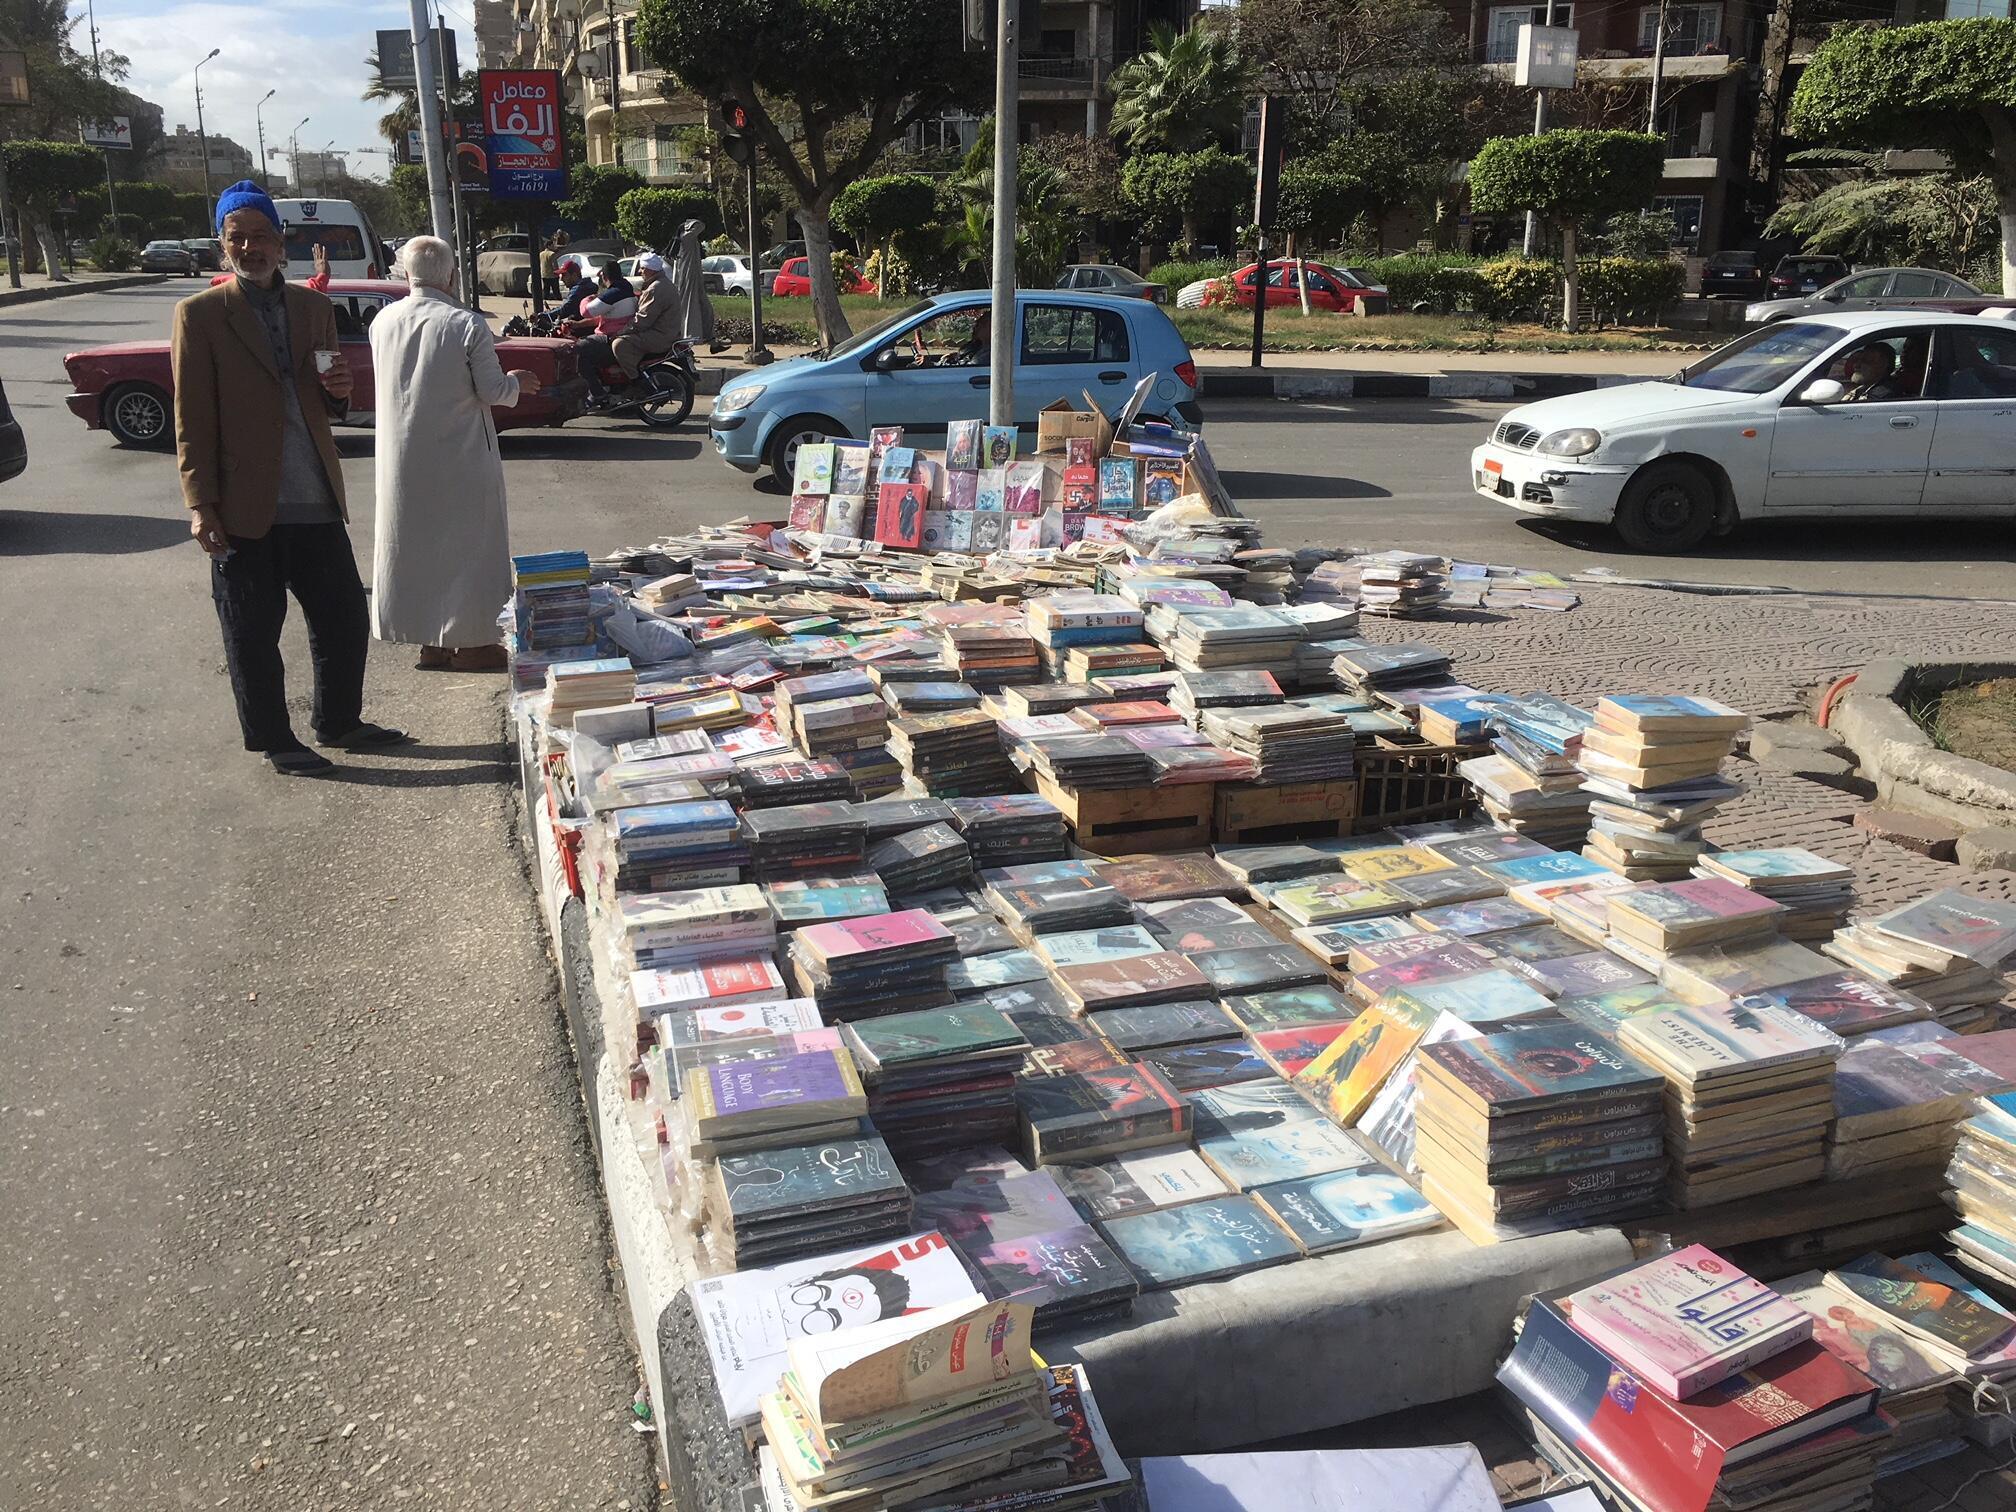 Saad Ibrahim, le libraire à bonnet bleu, surveille son étal de livres sur la place al-Higaz, dans le quartier d'Héliopolis, au nord-est du Caire.